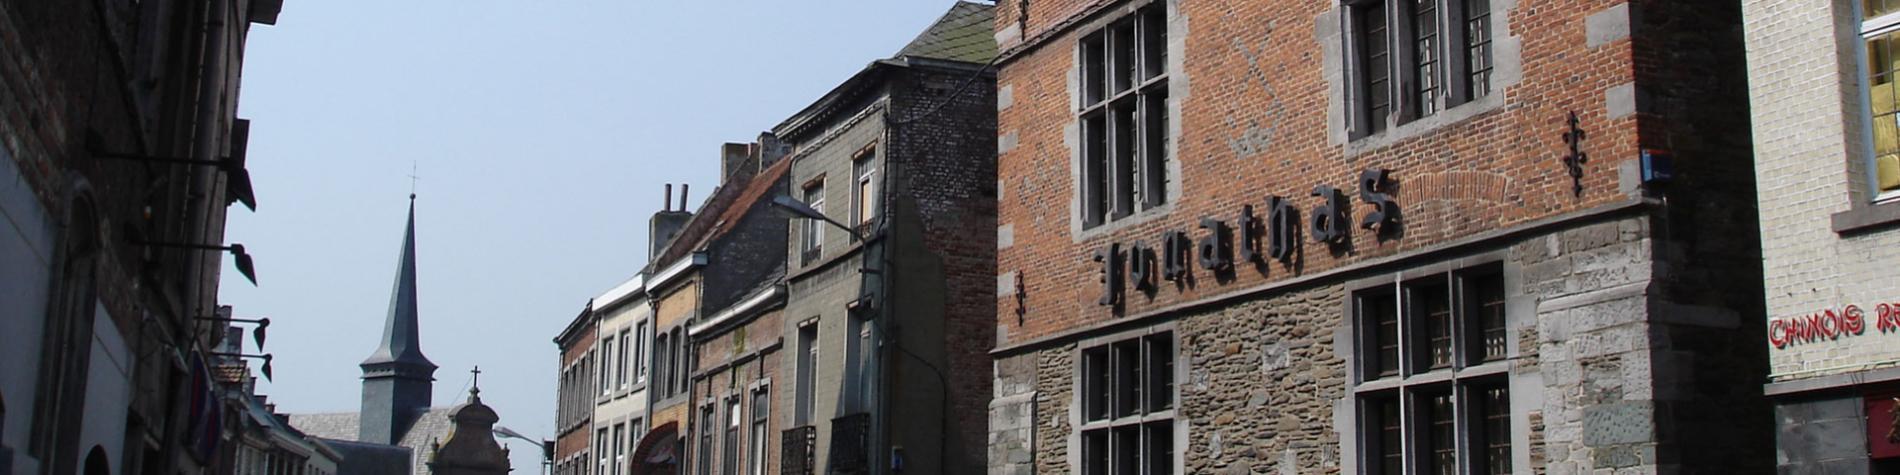 Maison Jonathas - donjon du 12è s - restauré en 1982 - Charpente 17è s - Architecture militaire - Enghien - Tapisserie